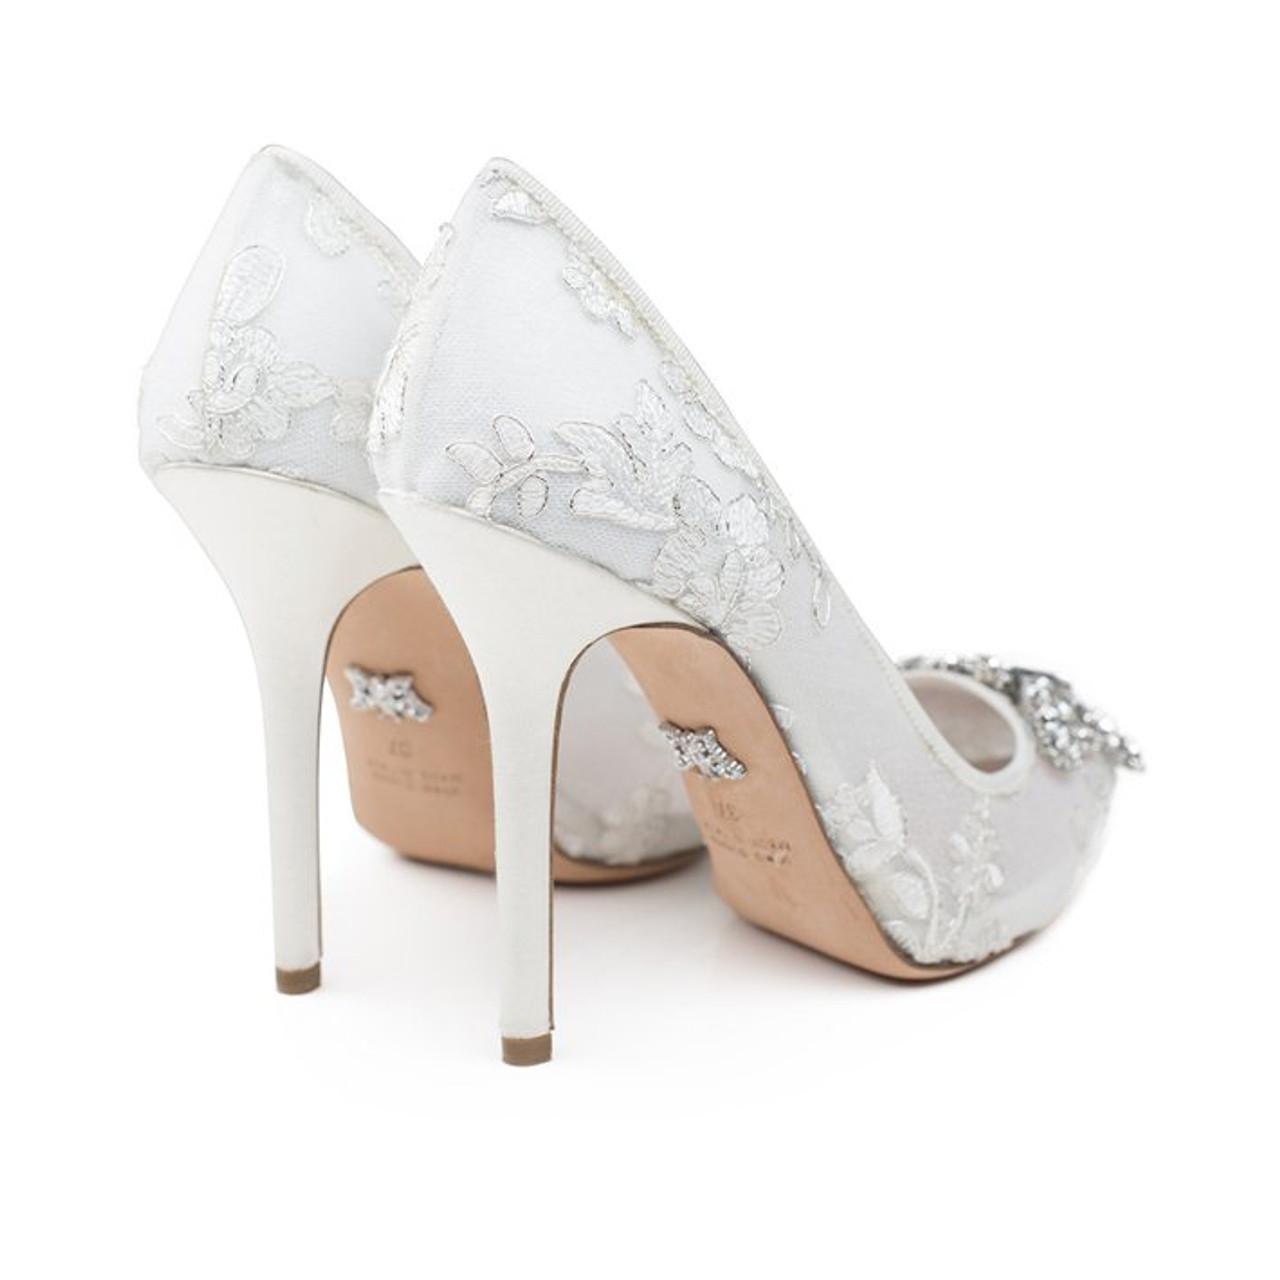 April Farfalla Stiletto Ivory Lace